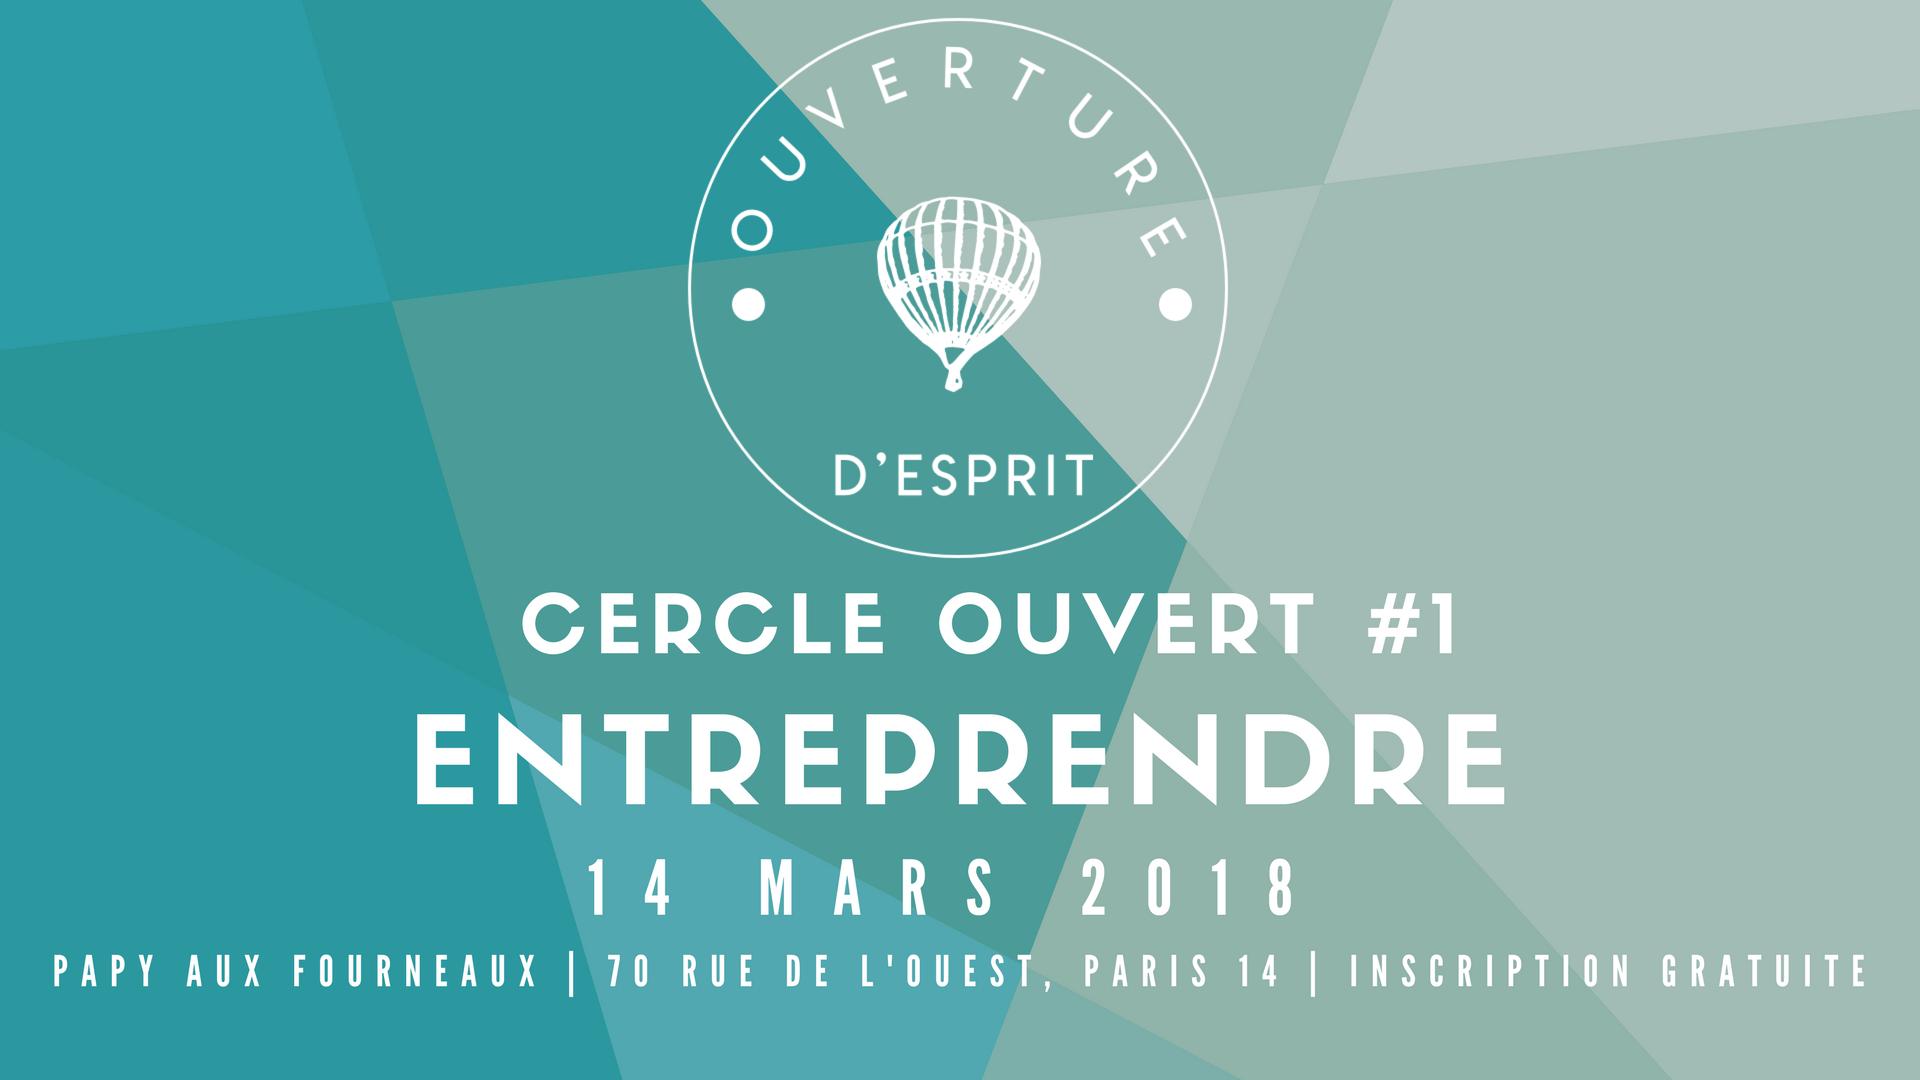 CERCLE OUVERT #1 - ENTREPRENDRE